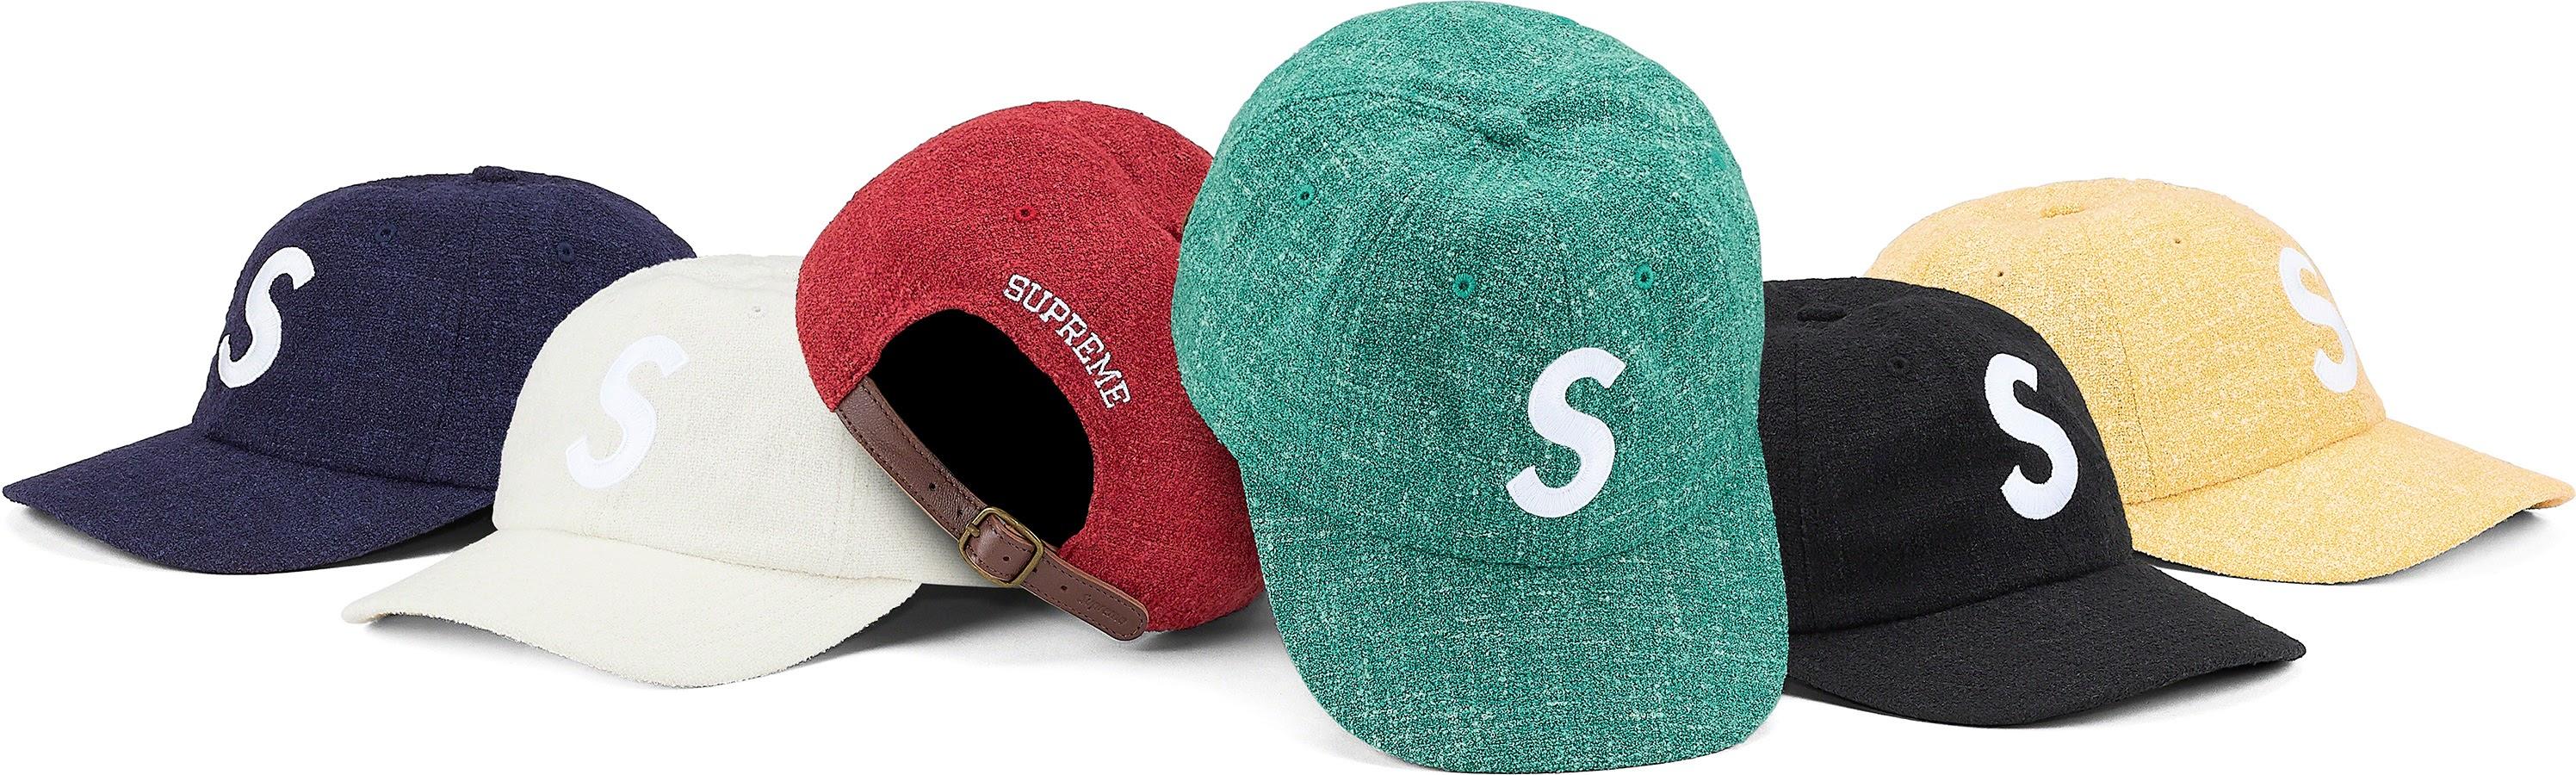 Terry S Logo 6-Panel シュプリーム 2021年 春夏 新作 ハット Supreme 2021SS hat